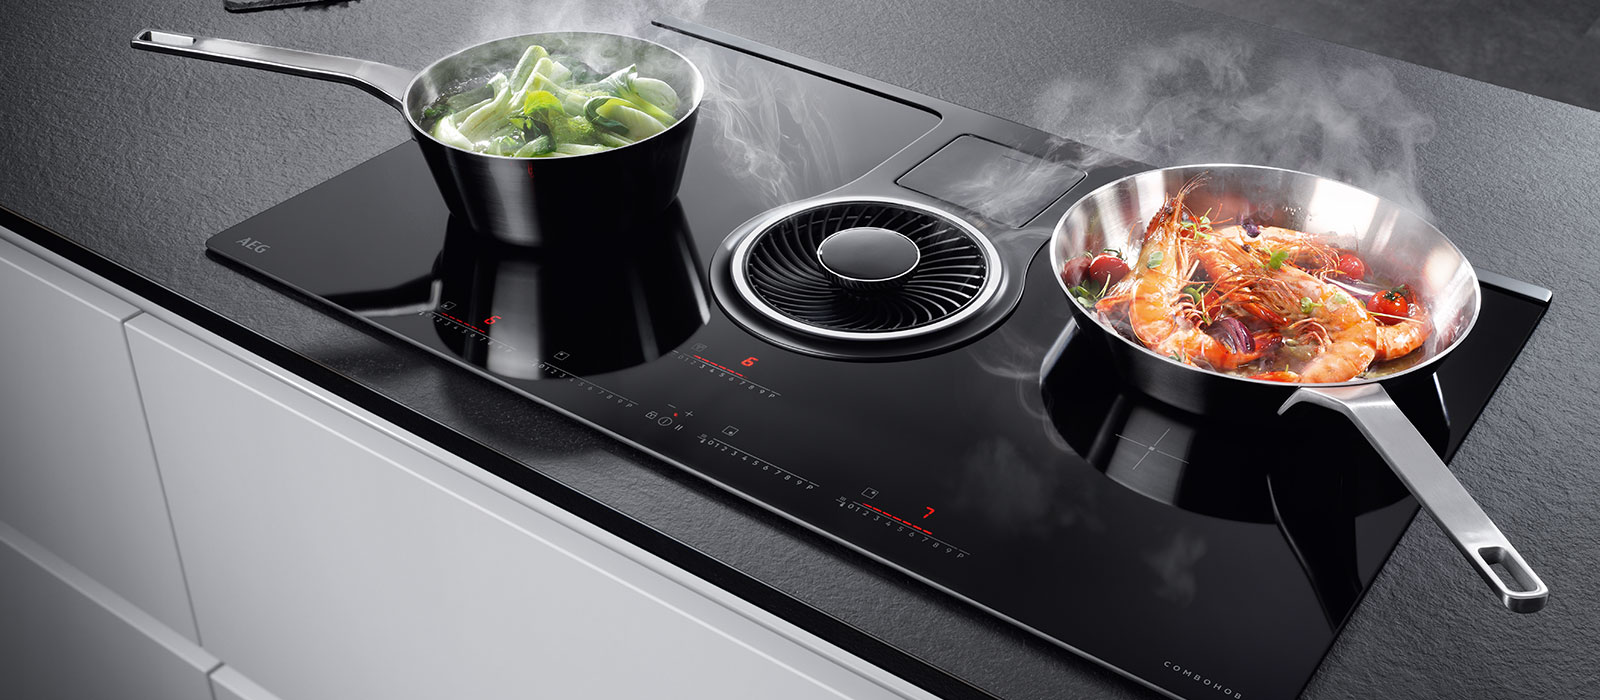 Gratis AEG inductie kookplaat met bladafzuiging!